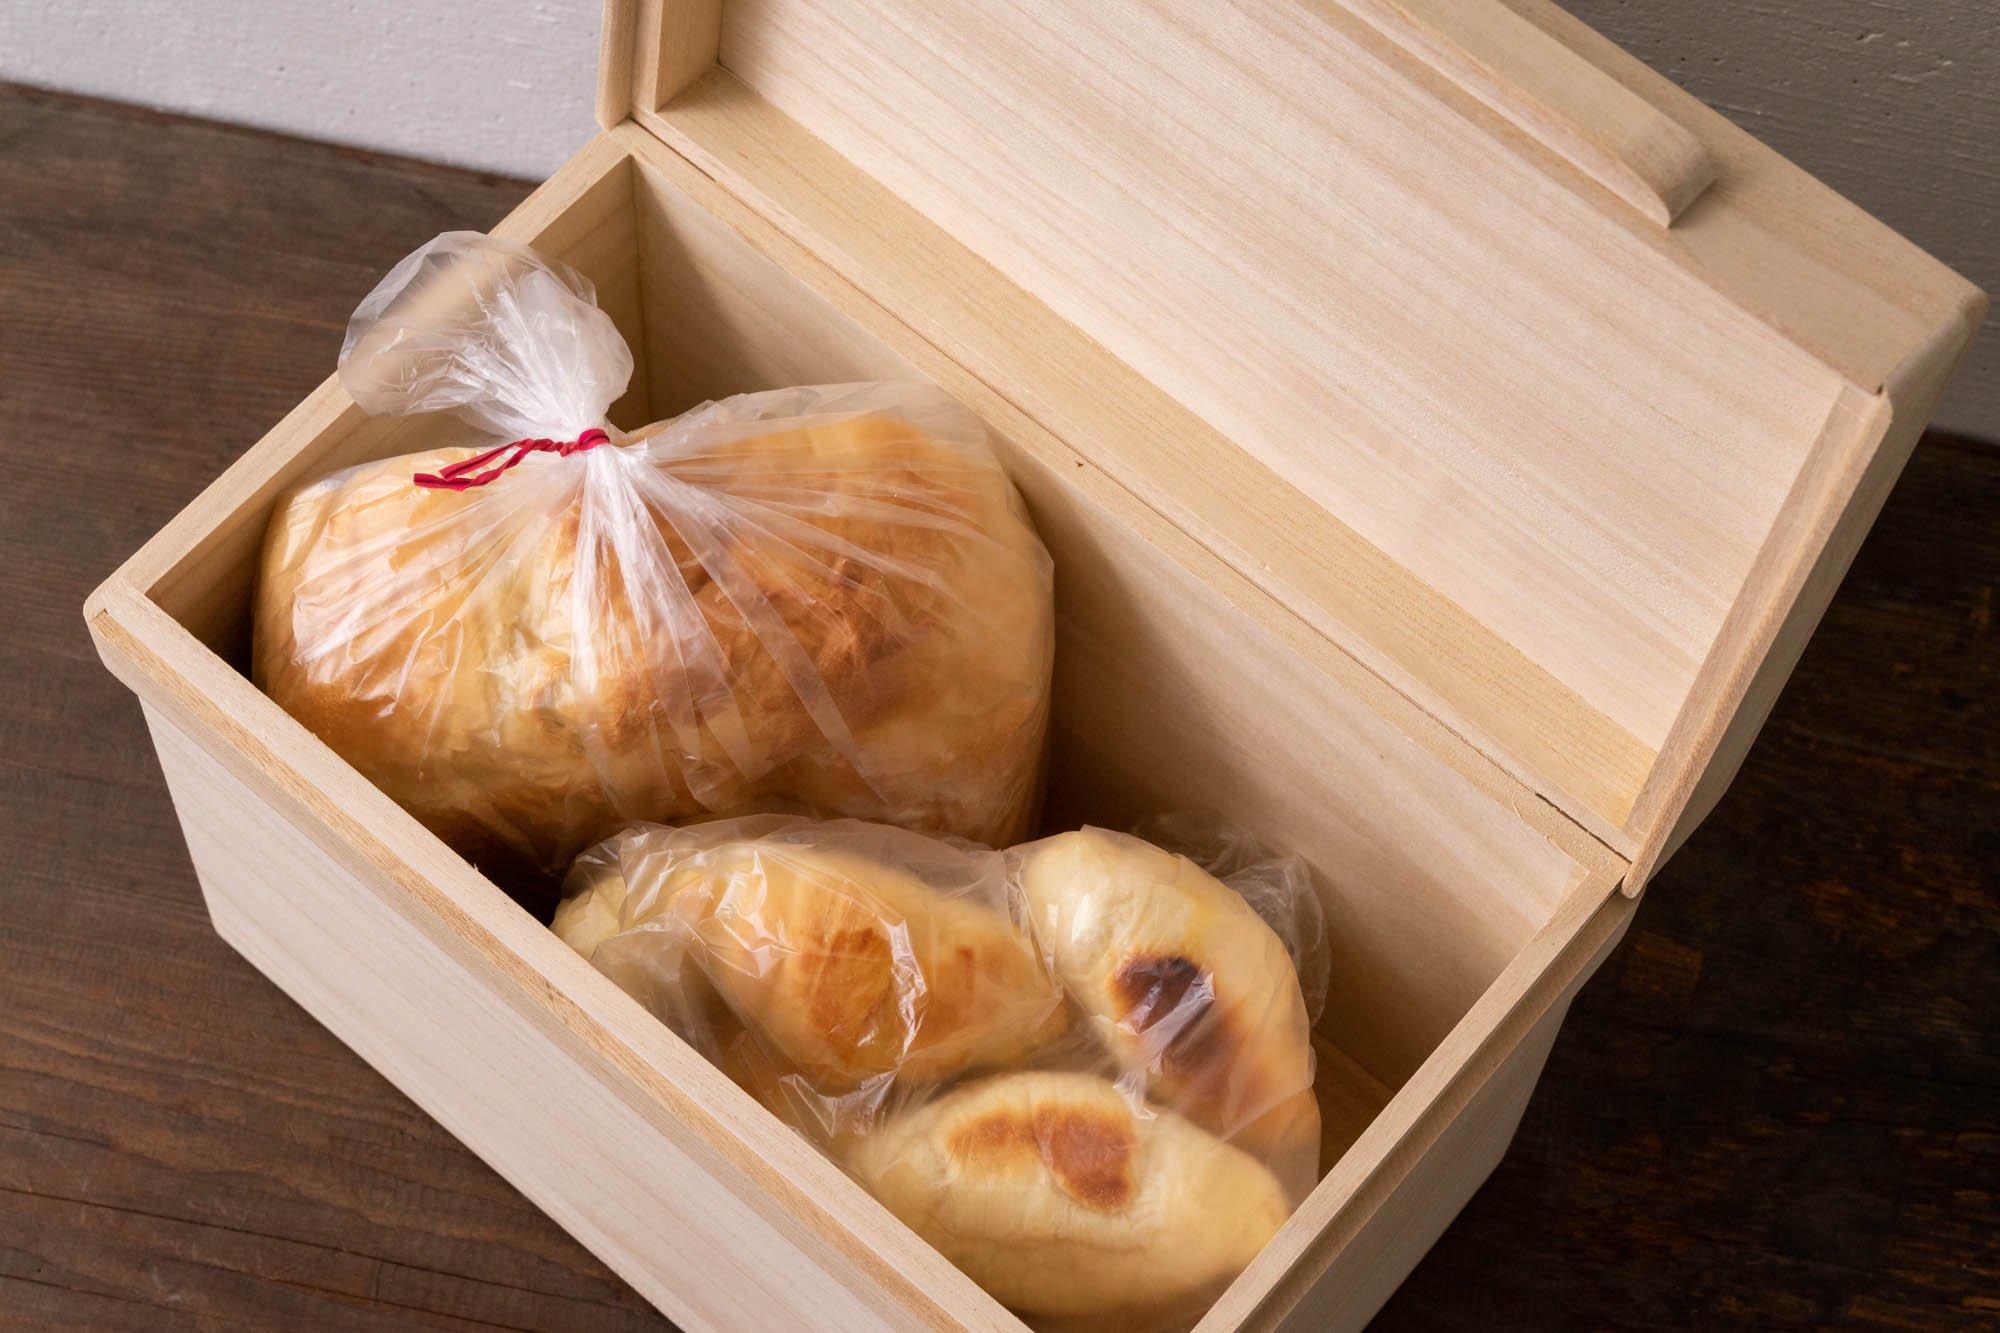 【3月下旬再入荷予定】桐箱屋さんのパンケース